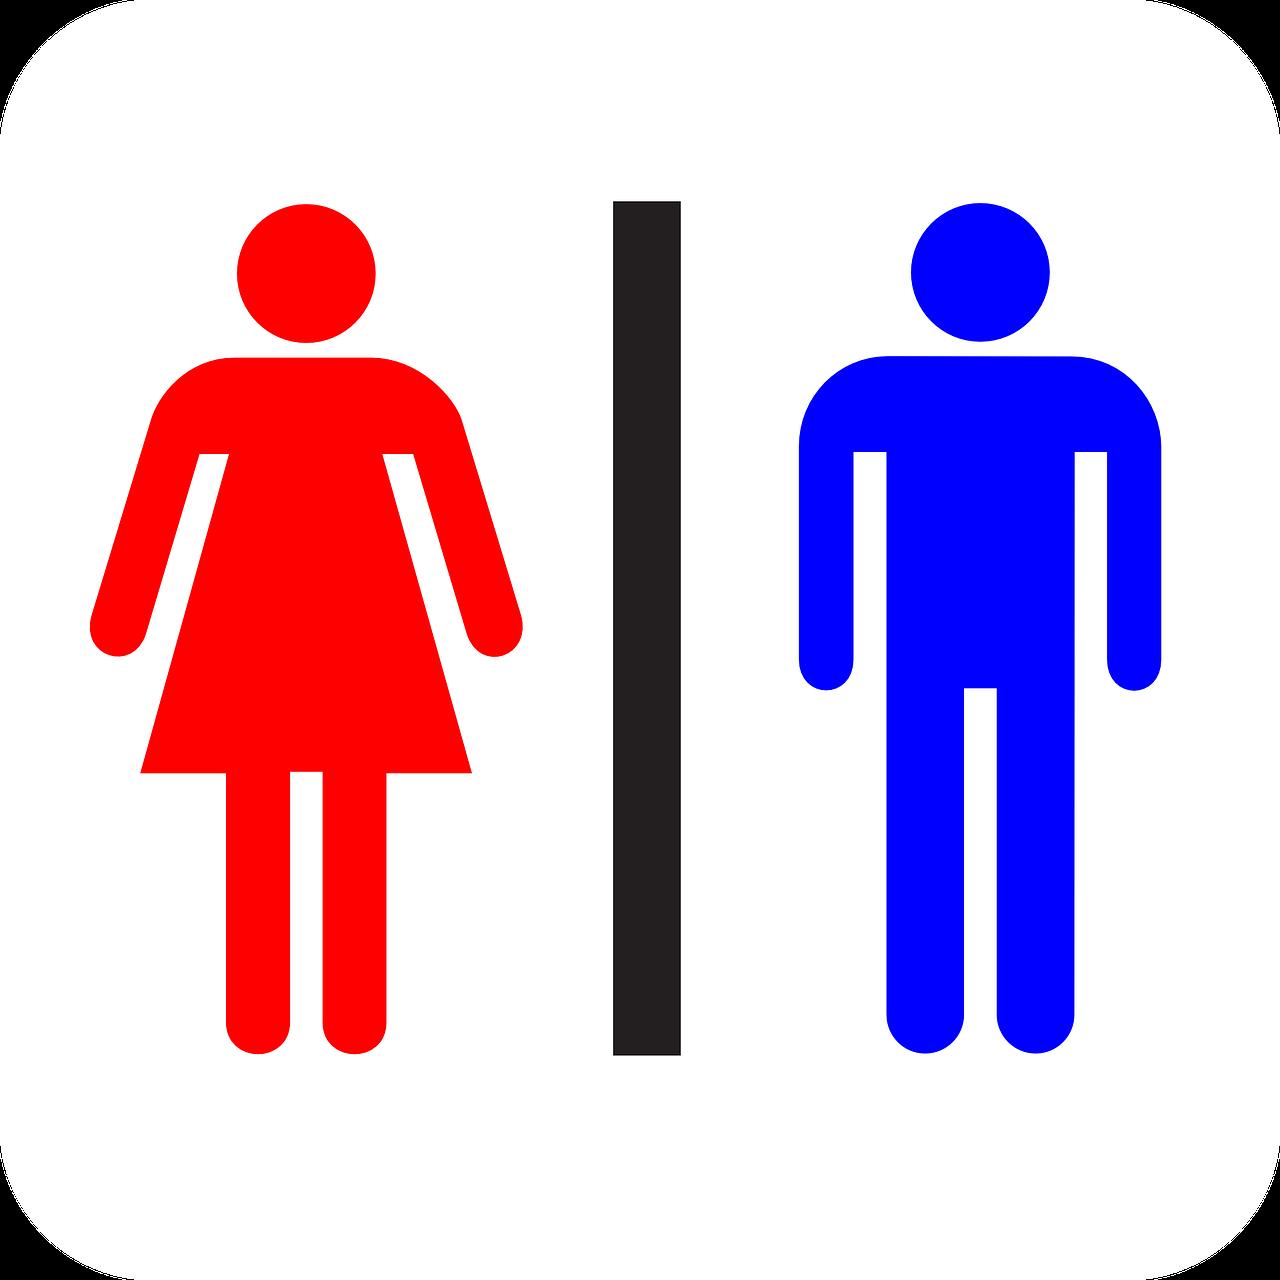 Factcheck: 'Hoe rechtser de politieke partij, hoe minder vrouwen op de kieslijst'